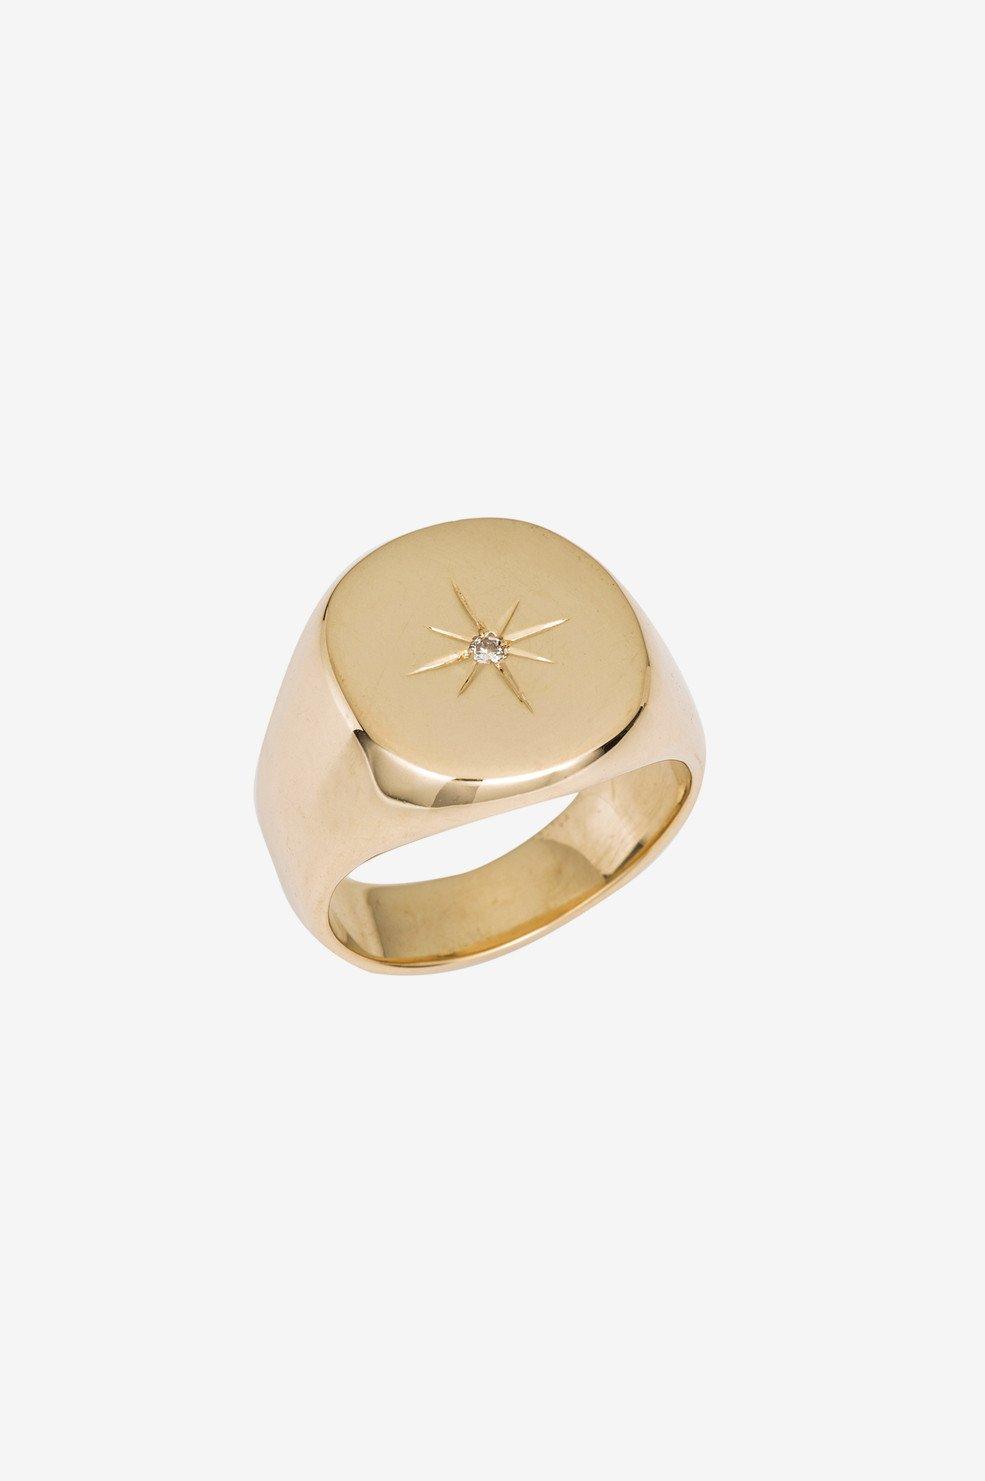 ANINE BING 14k Yellow Gold & Diamond Signet Ring  - 14k Gold - Size: 4